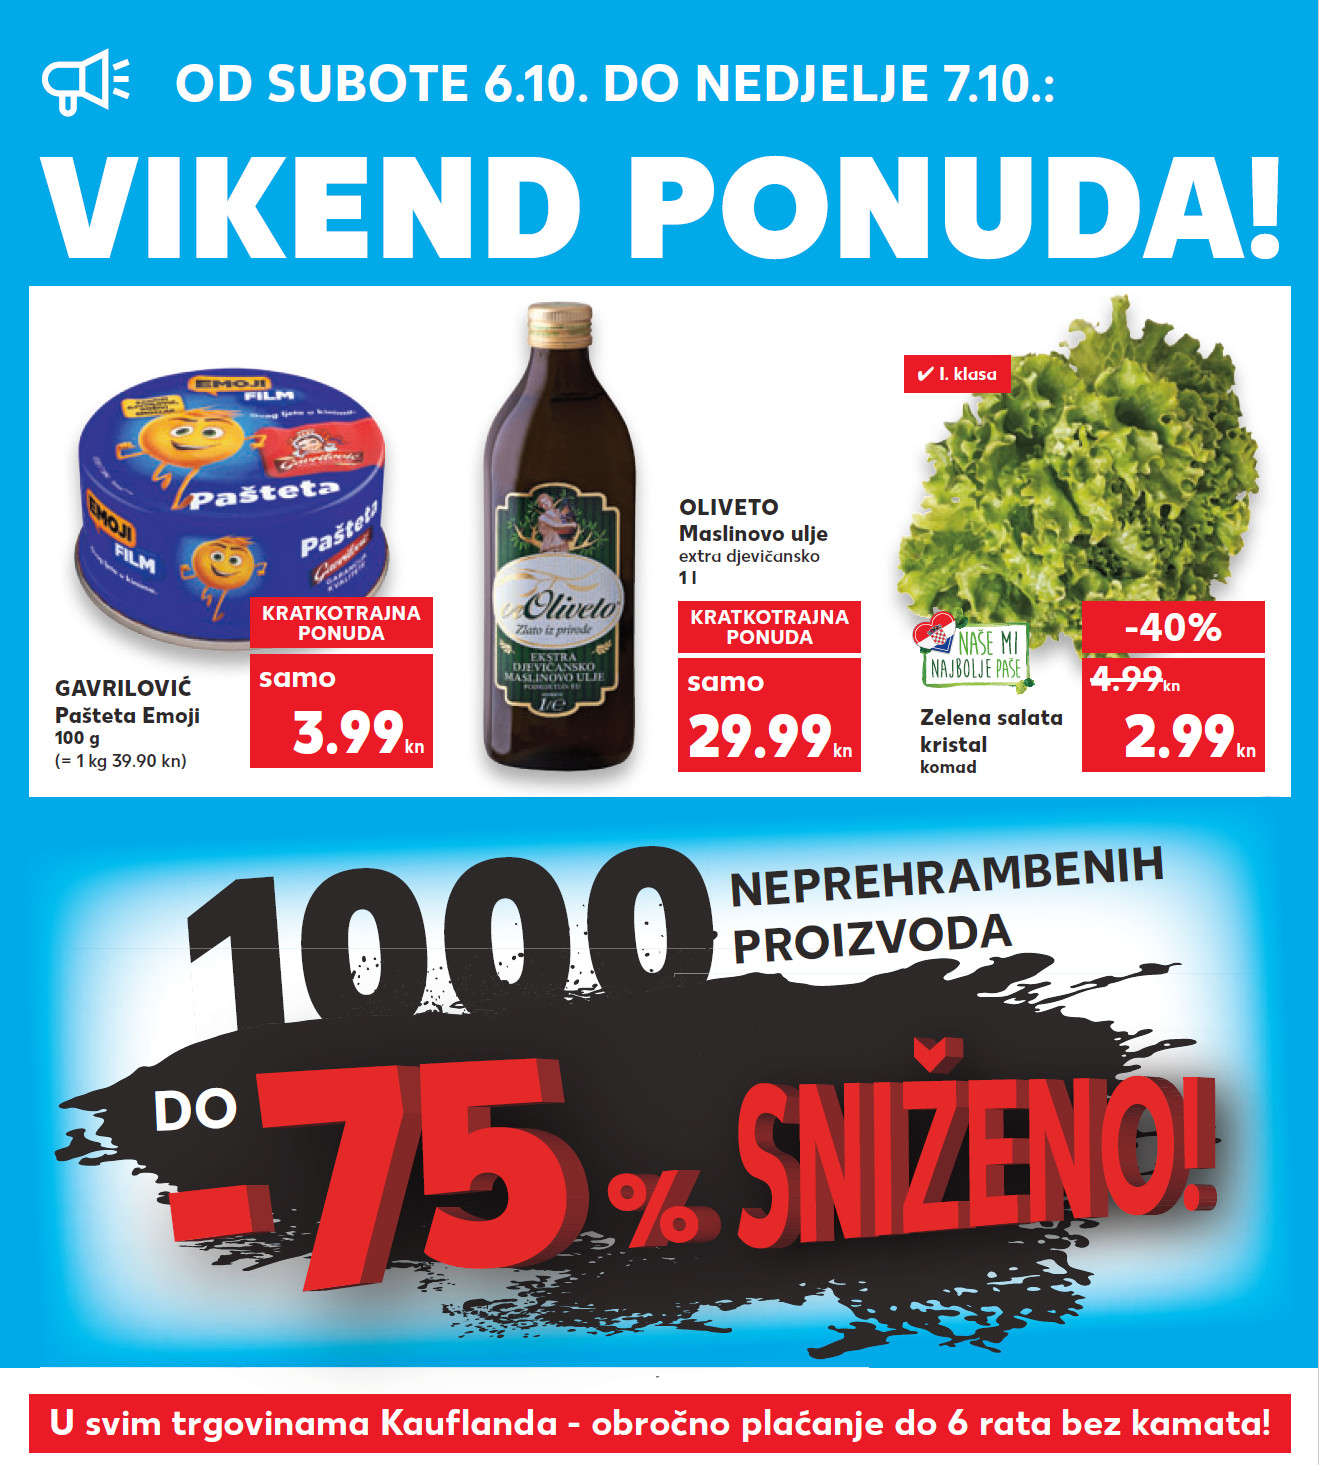 Top ponuda samo u subotu i nedjelju. Nova vikend akcija od 06.-07.10.2018. u Kaufland supermarketima.